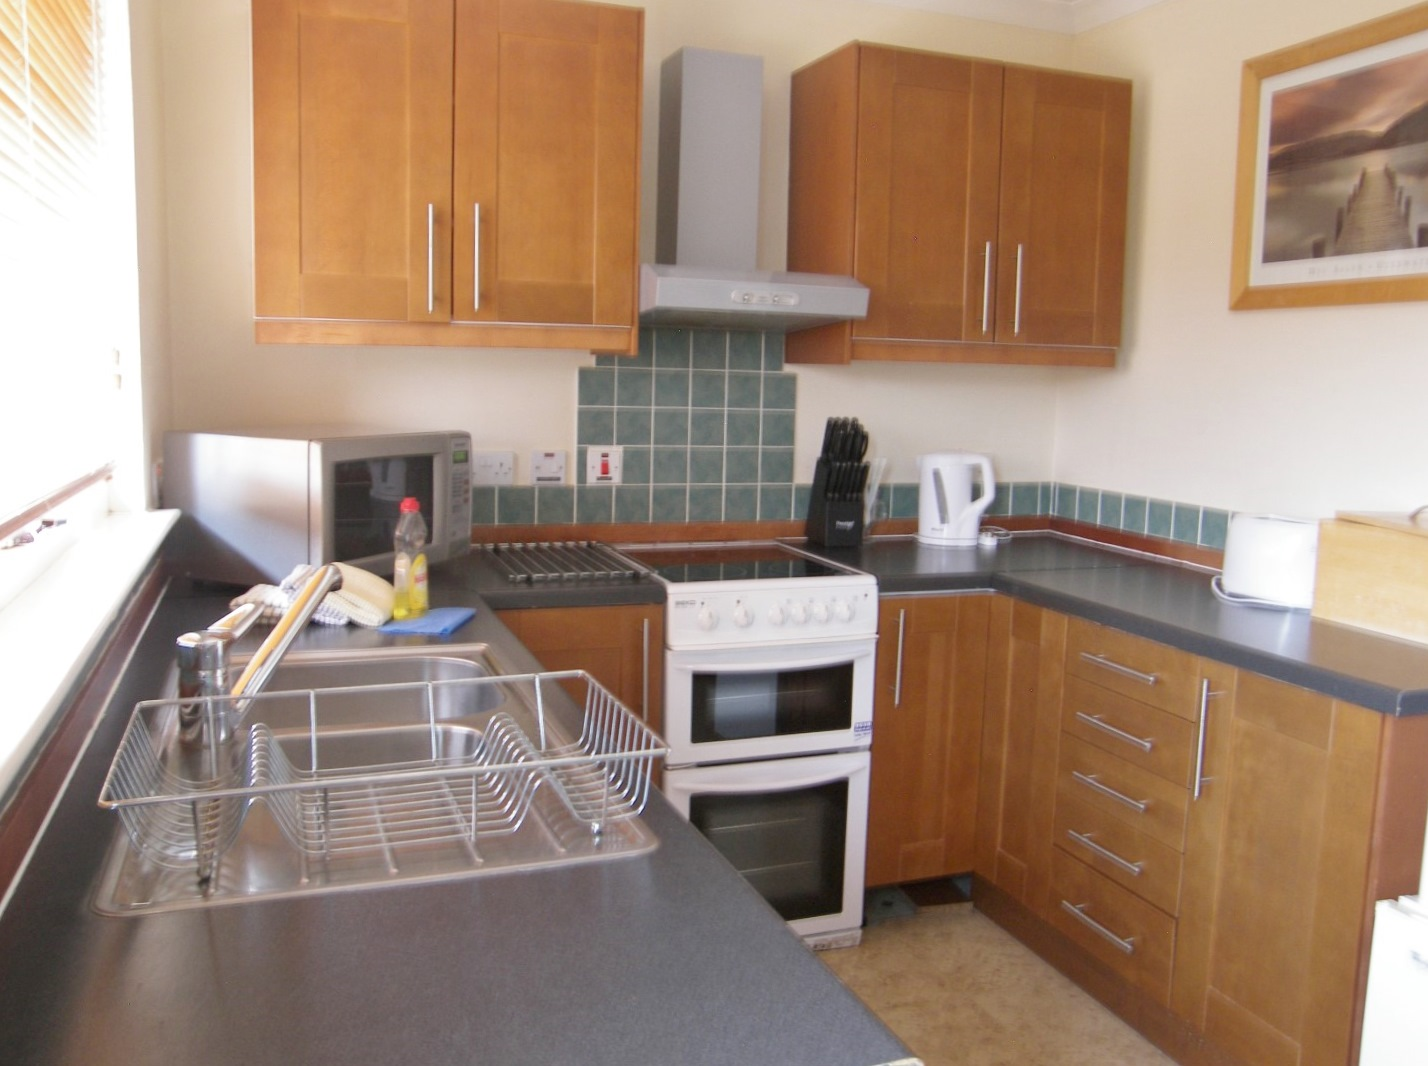 7morlich_kitchen.JPG